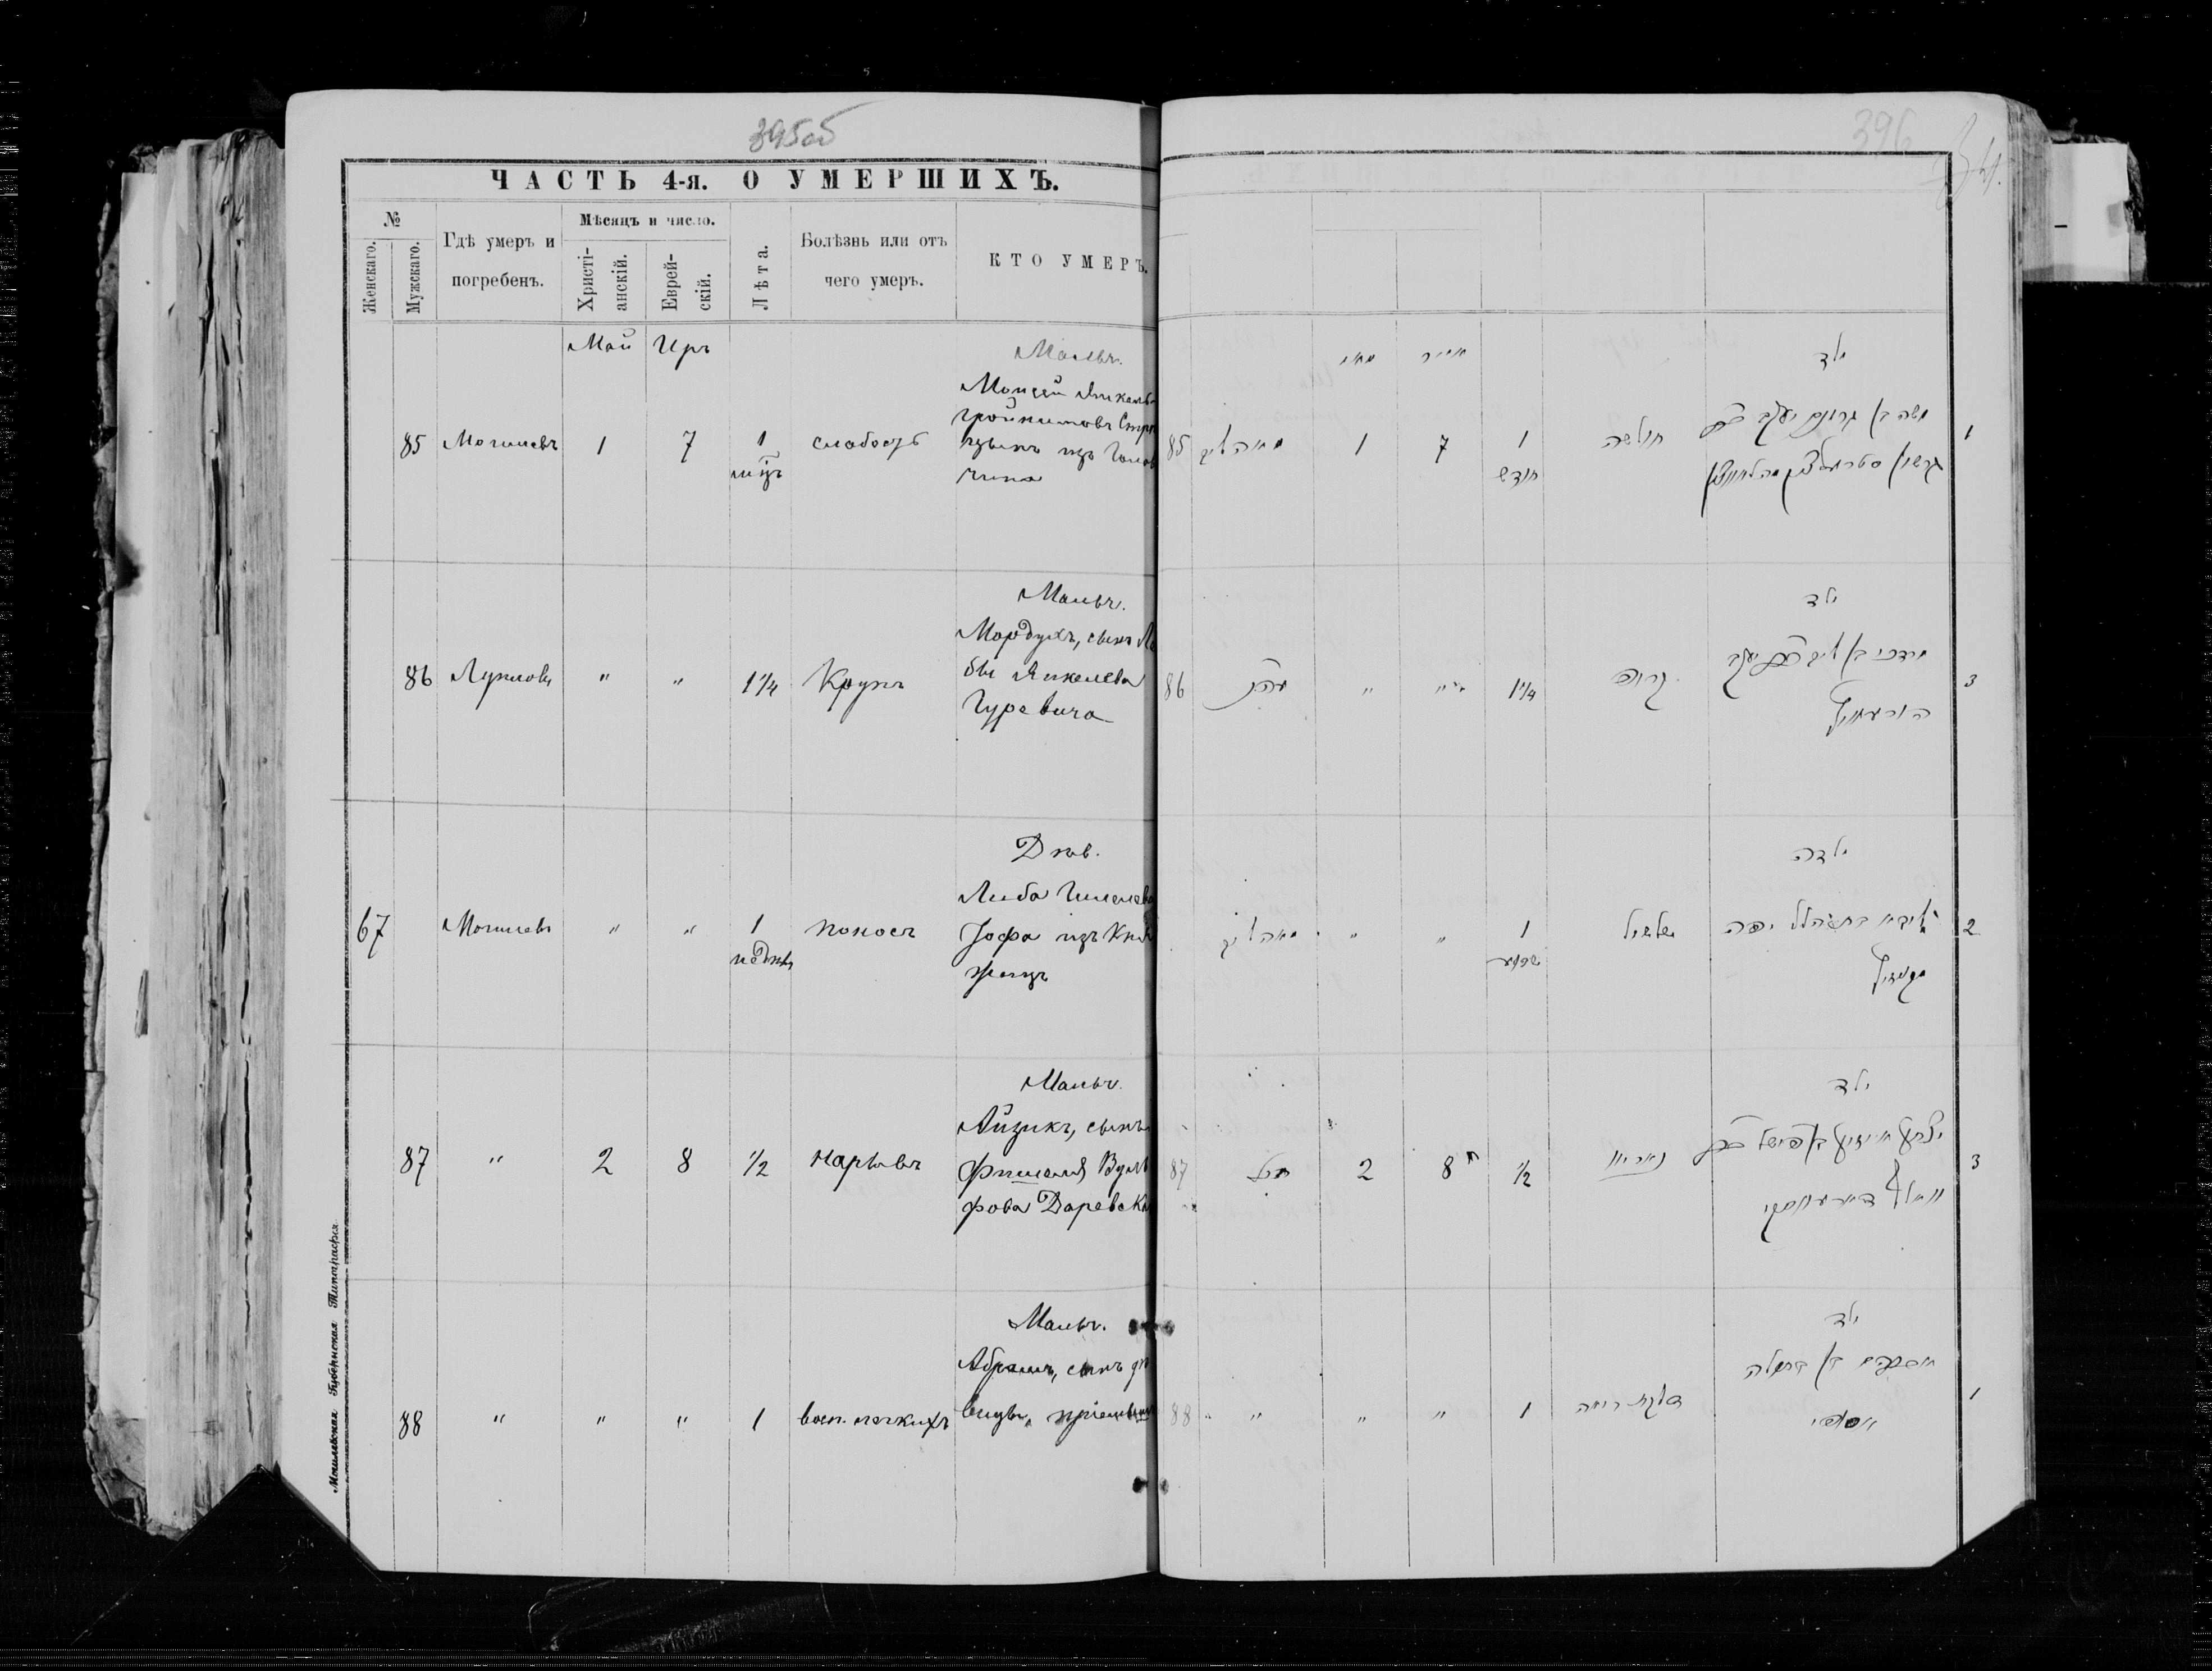 Моисей Янкель-Гронимович Стрельцын ум. 1 мая 1894, запись 85, пленка 004563097, снимок 920